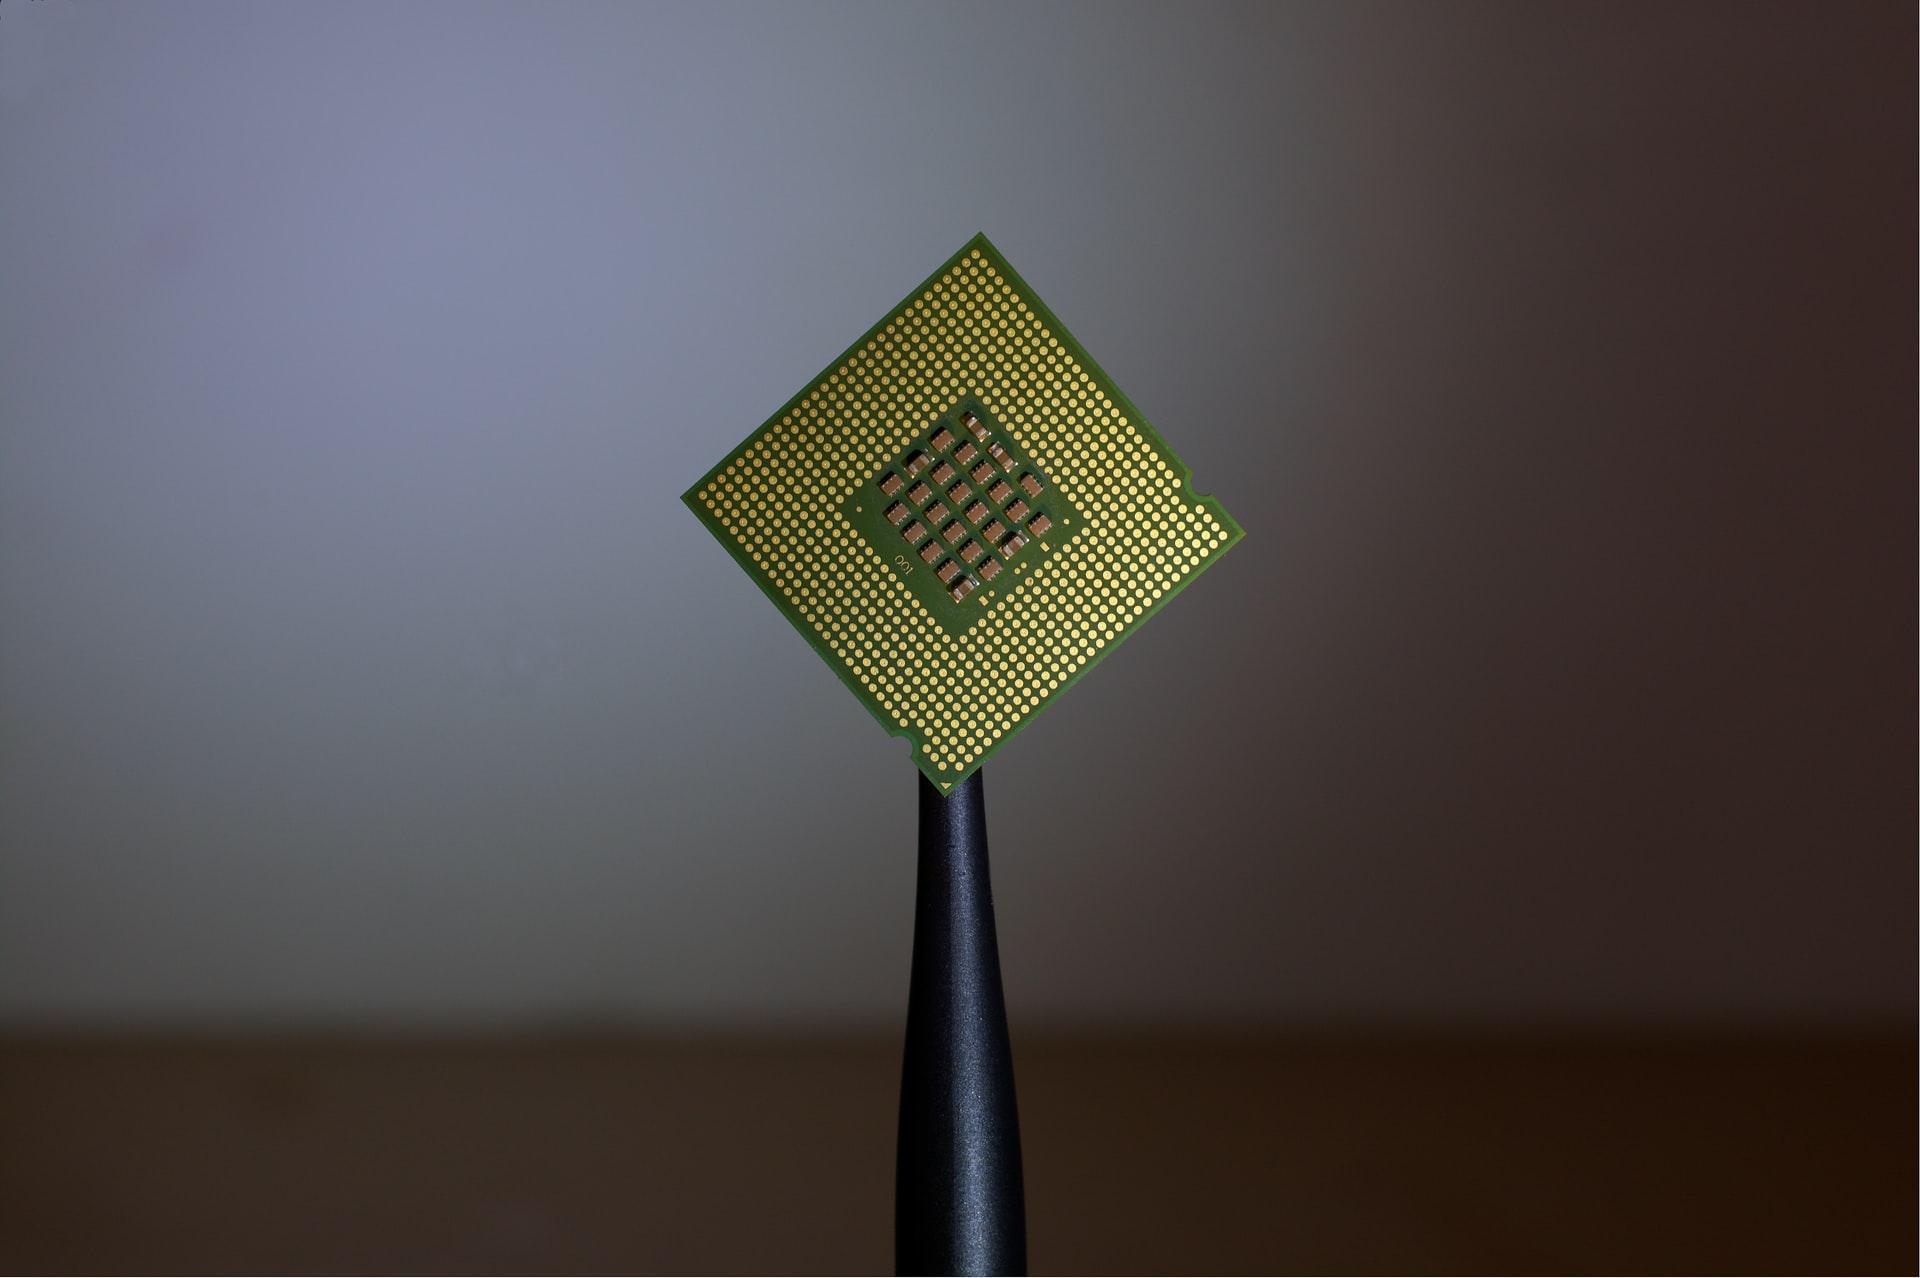 Компания Tesla разработала чип для тренировки нейросетей